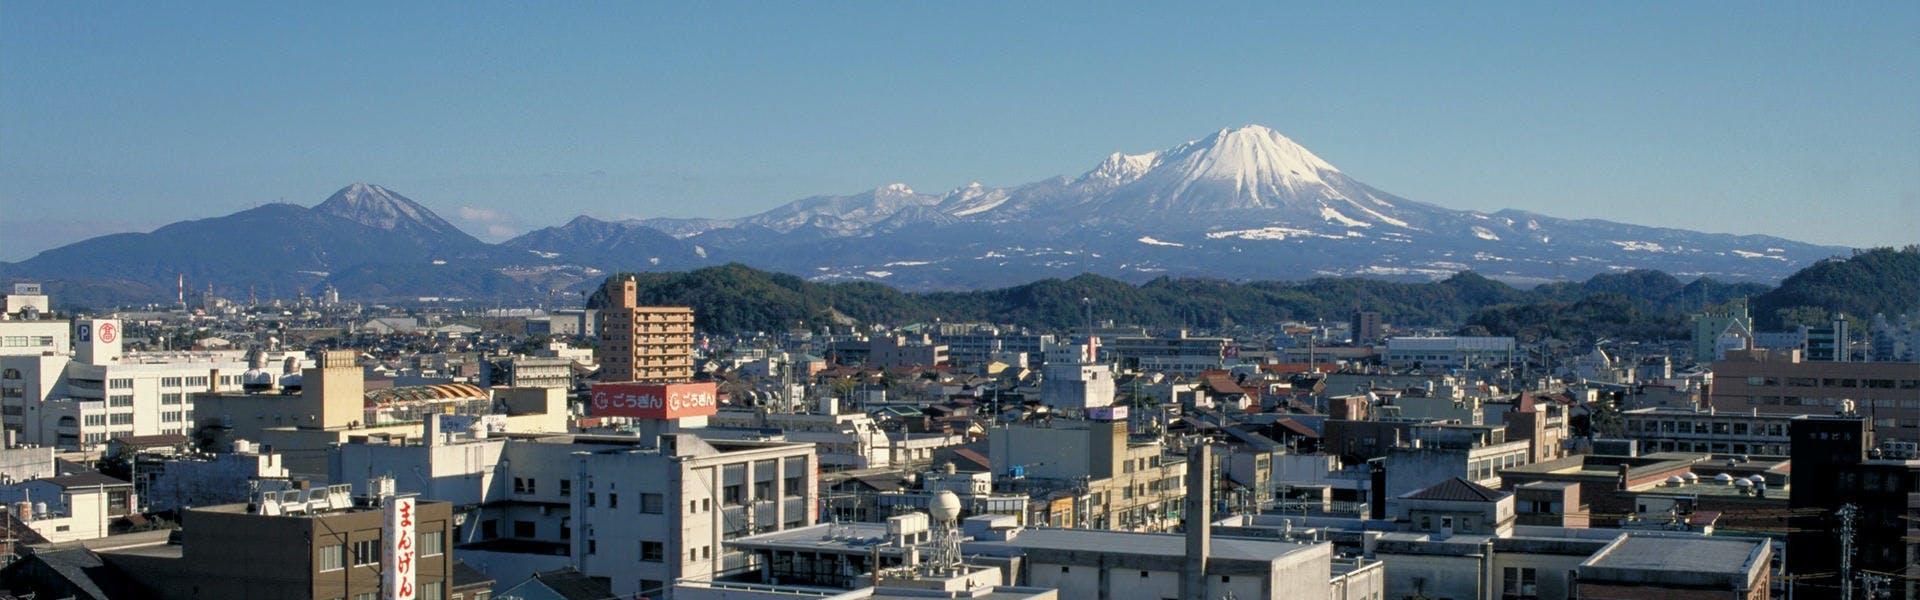 米子市内から大山